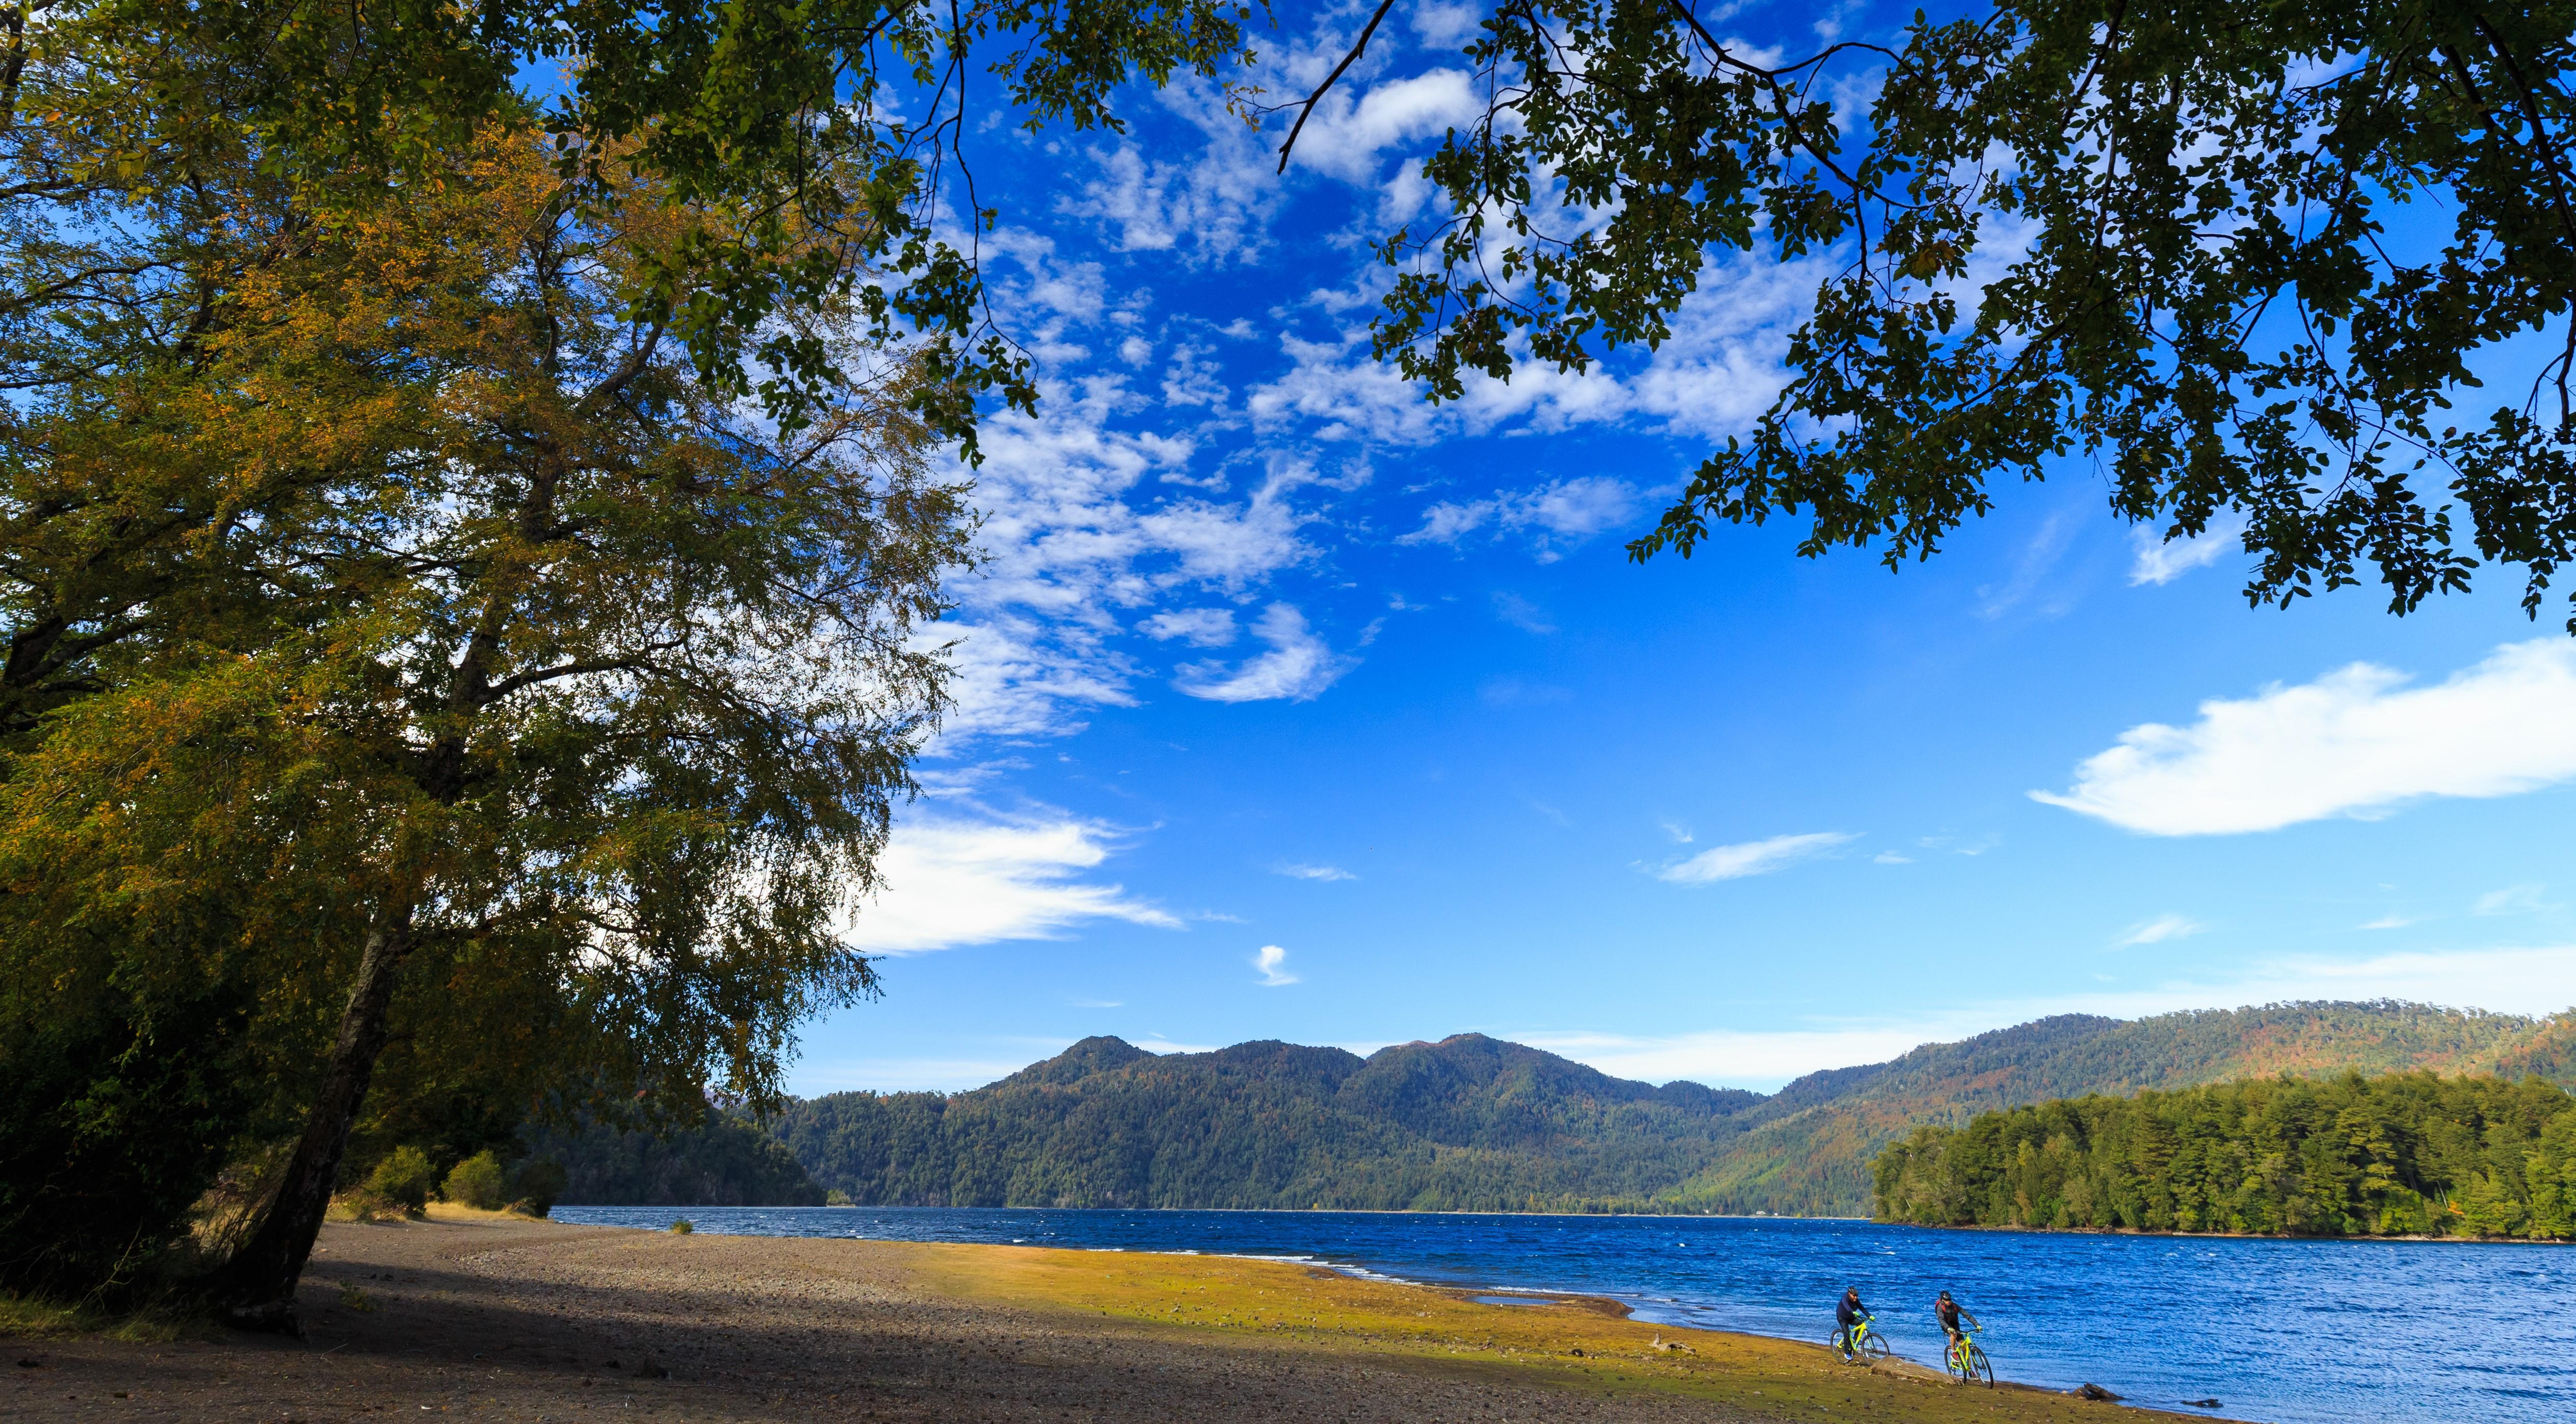 Sector turismo busca promover que brasileños descubran y visiten destinos emergentes en Chile